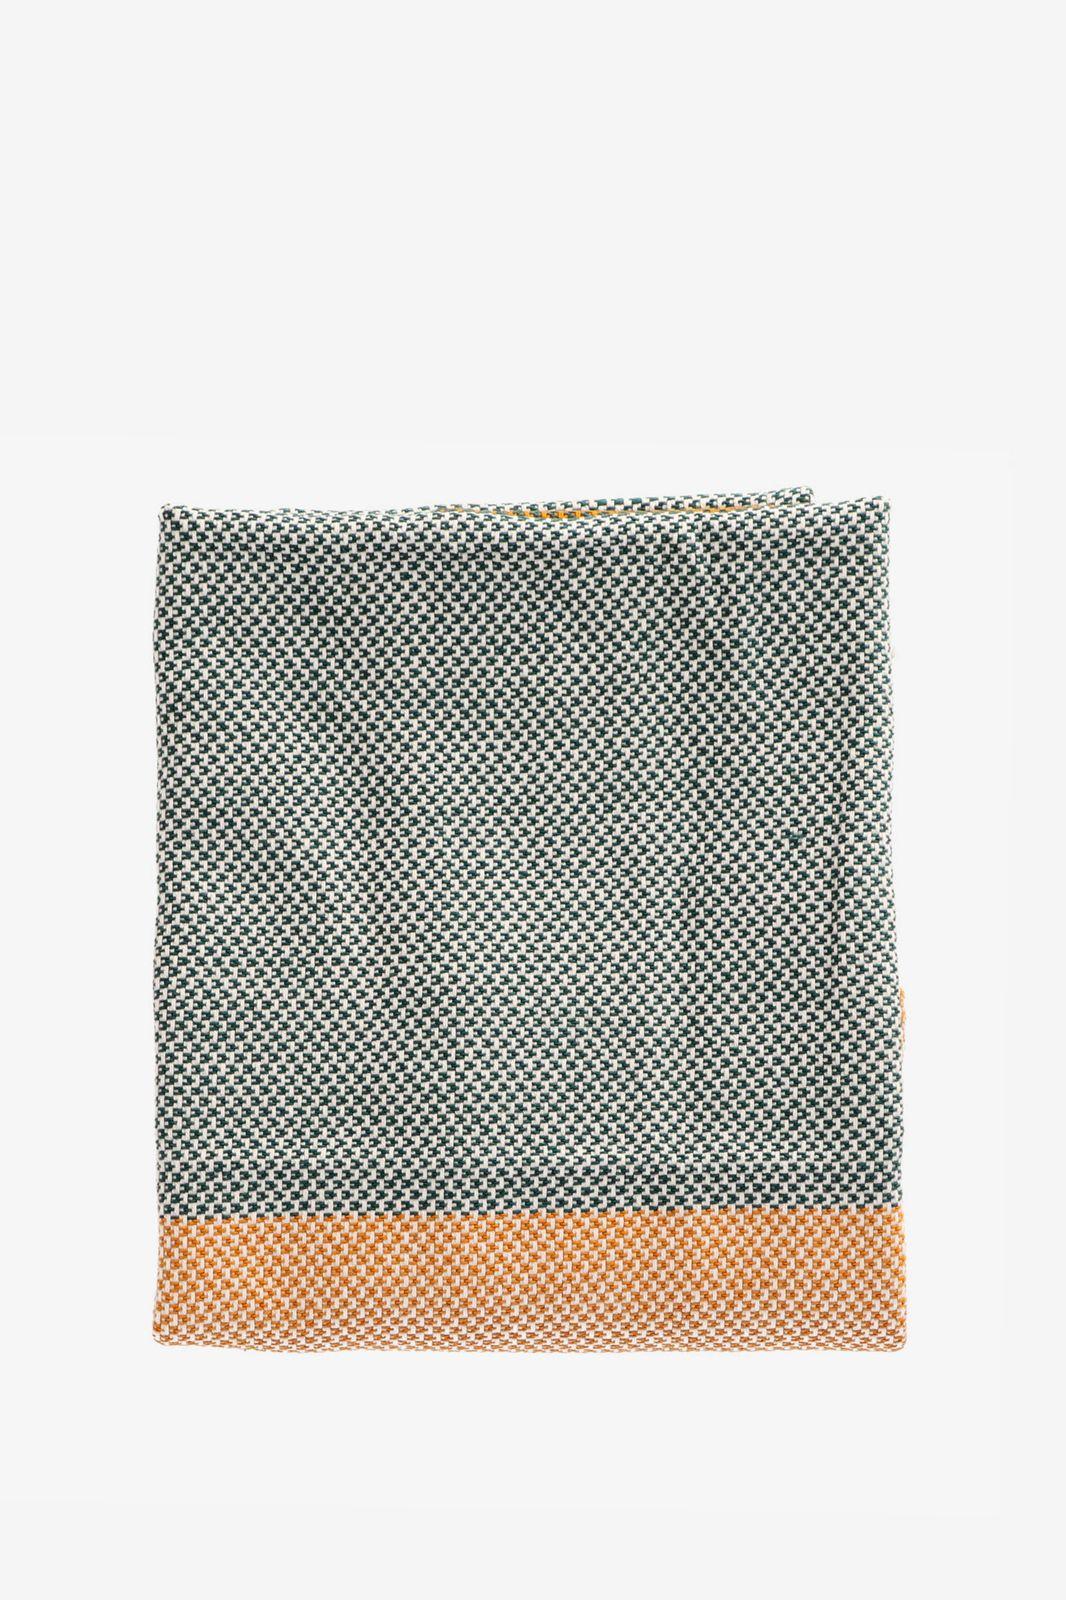 Okergele keukenhanddoek met knitted patroon